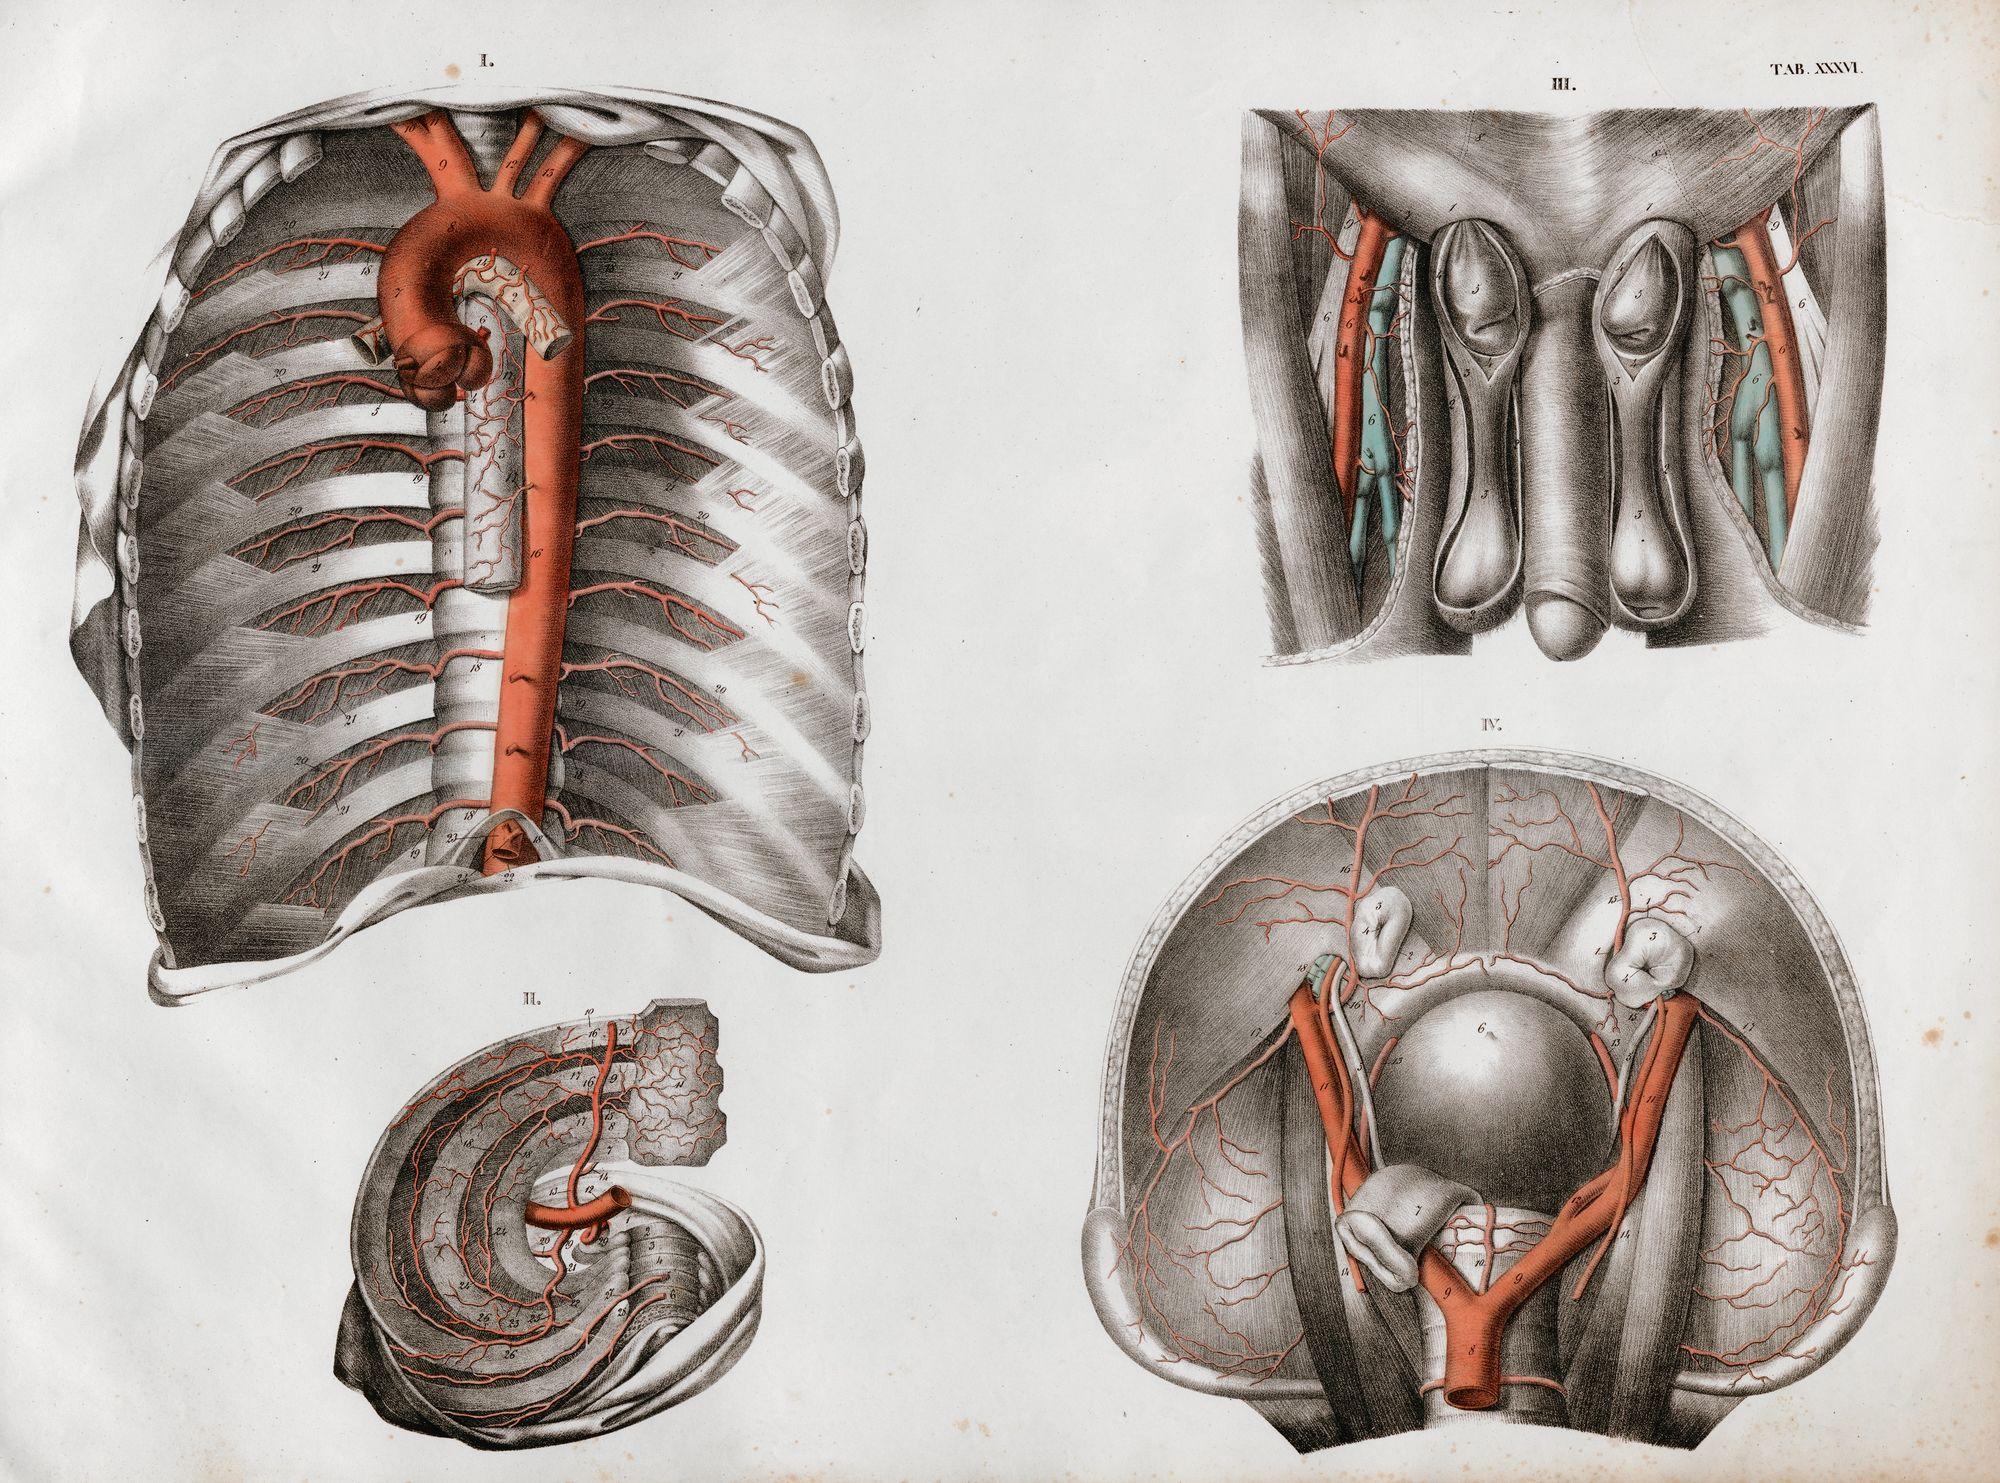 Ziemlich Wrangler Anatomie Eines Symbols Zeitgenössisch - Anatomie ...